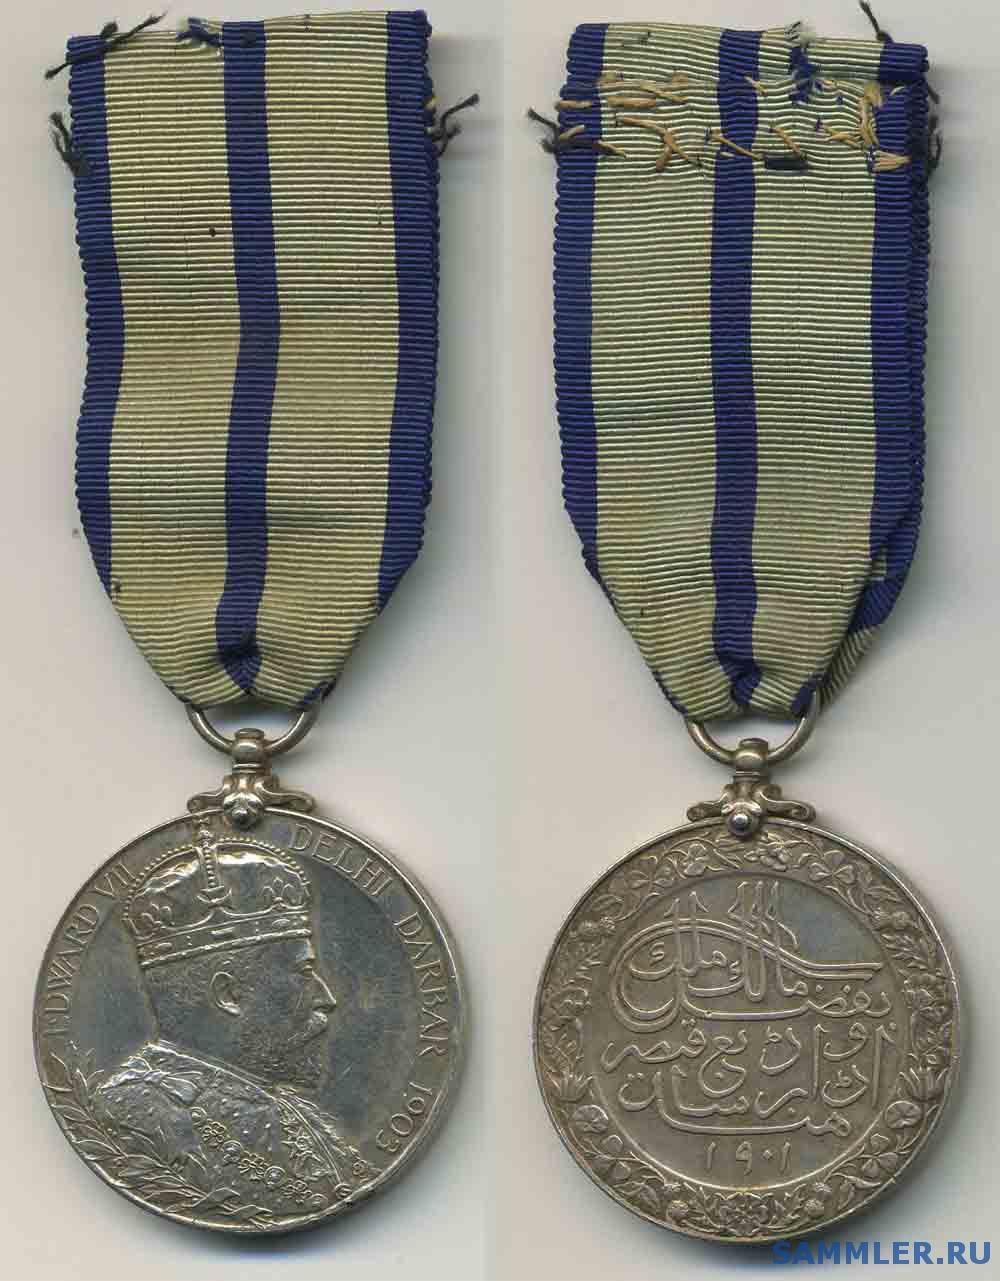 Delhi_Darbar_1903_Medal.jpg